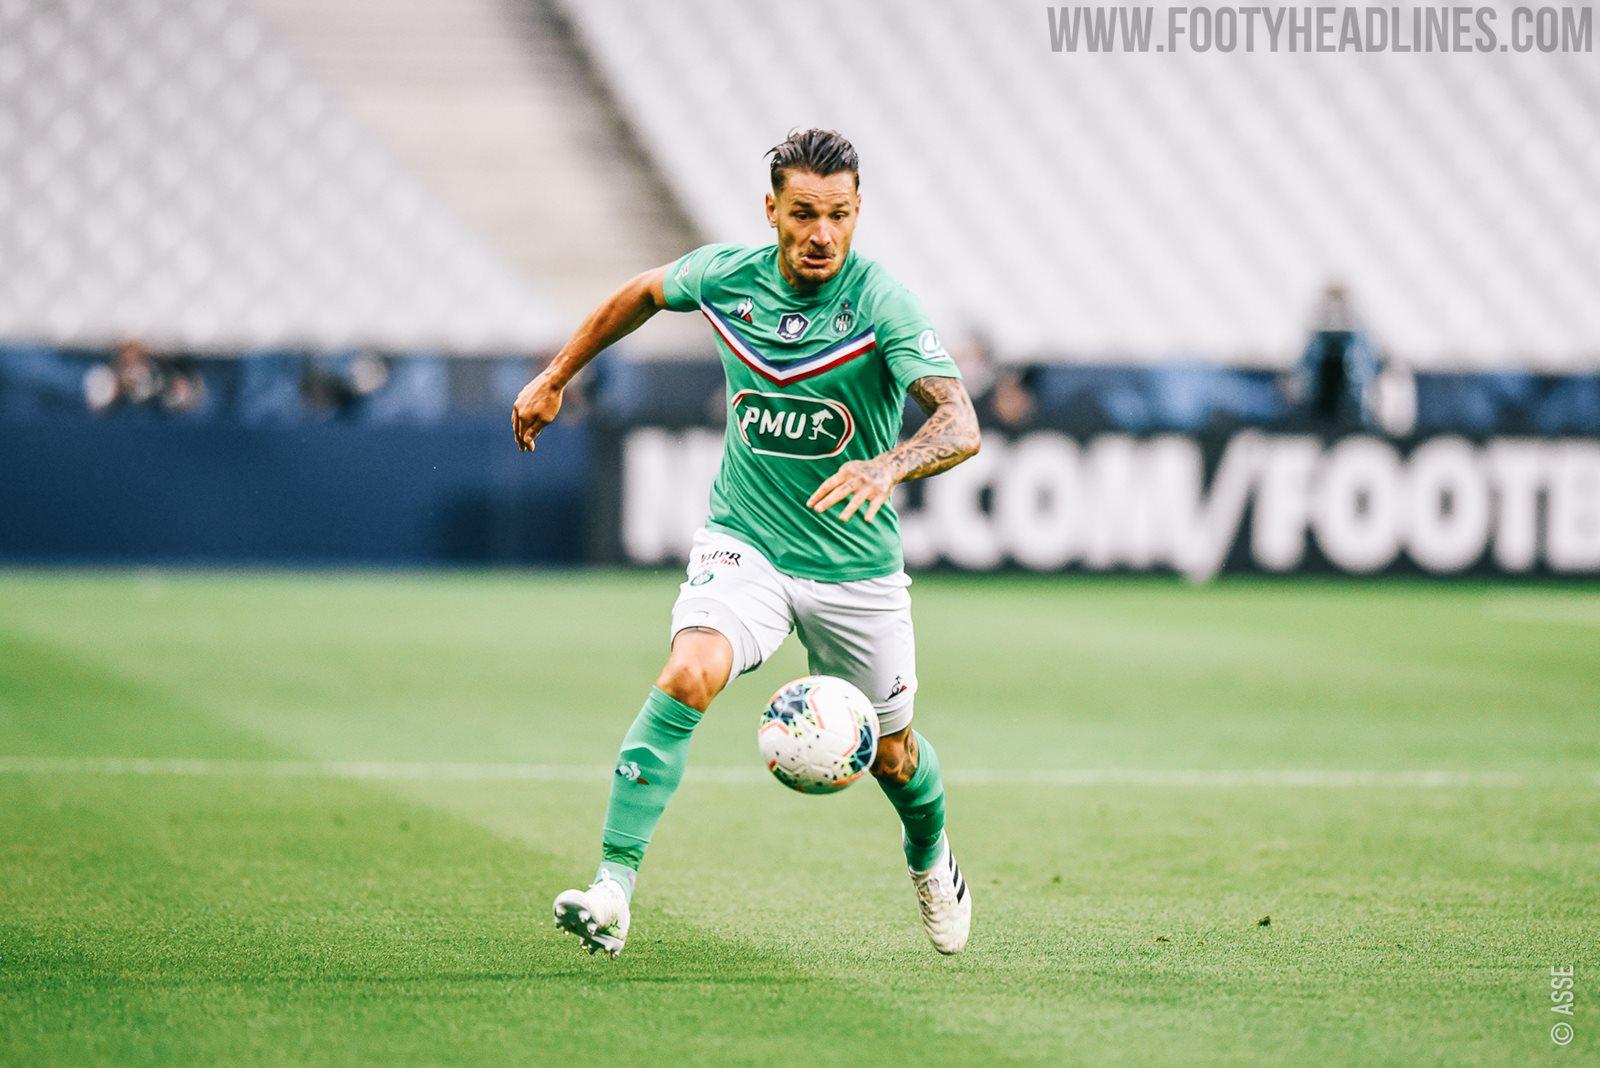 St Etienne Fussball